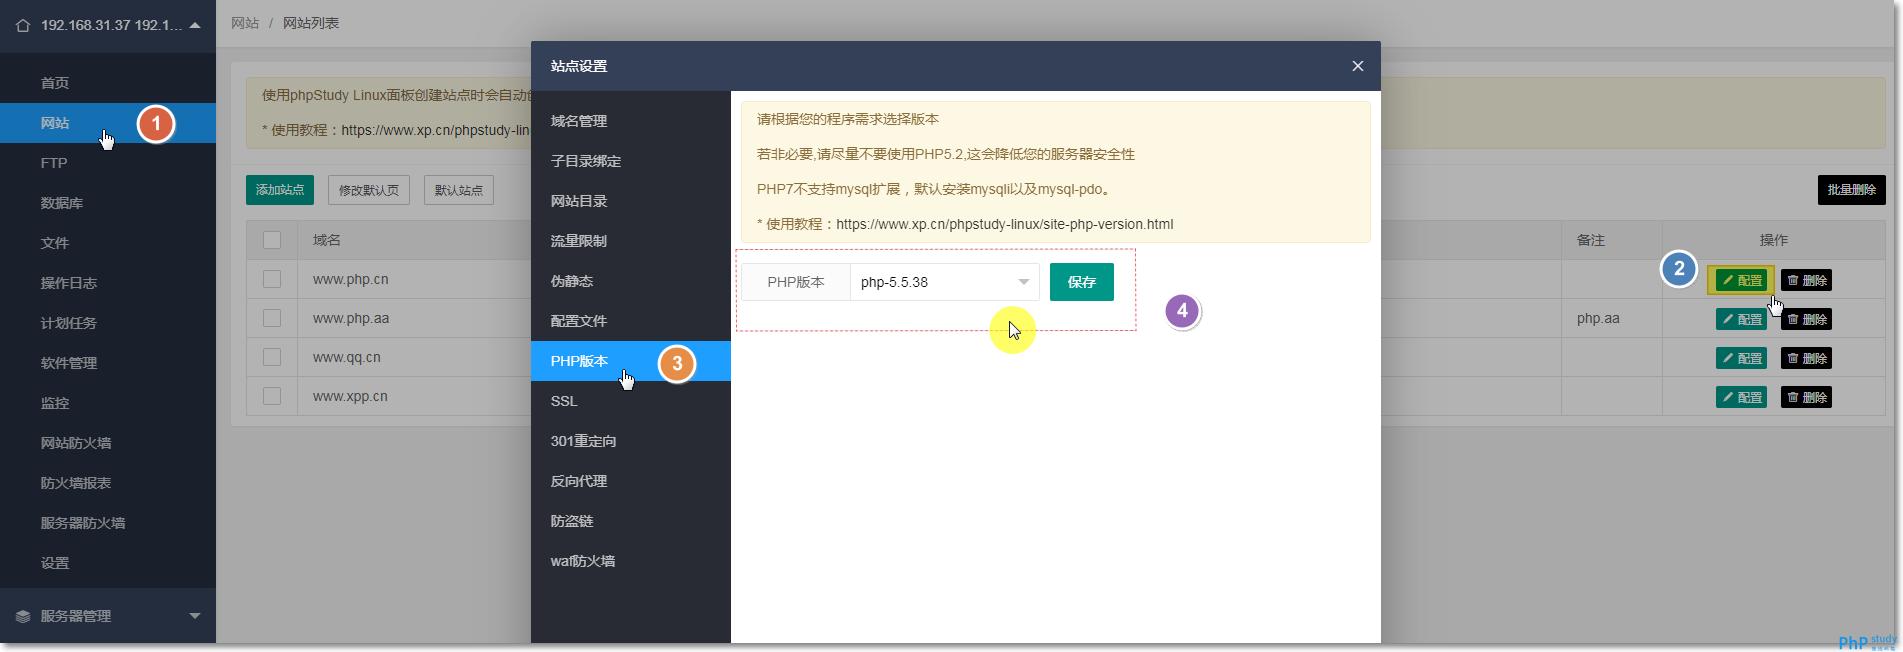 网站-配置-PHP版本.png